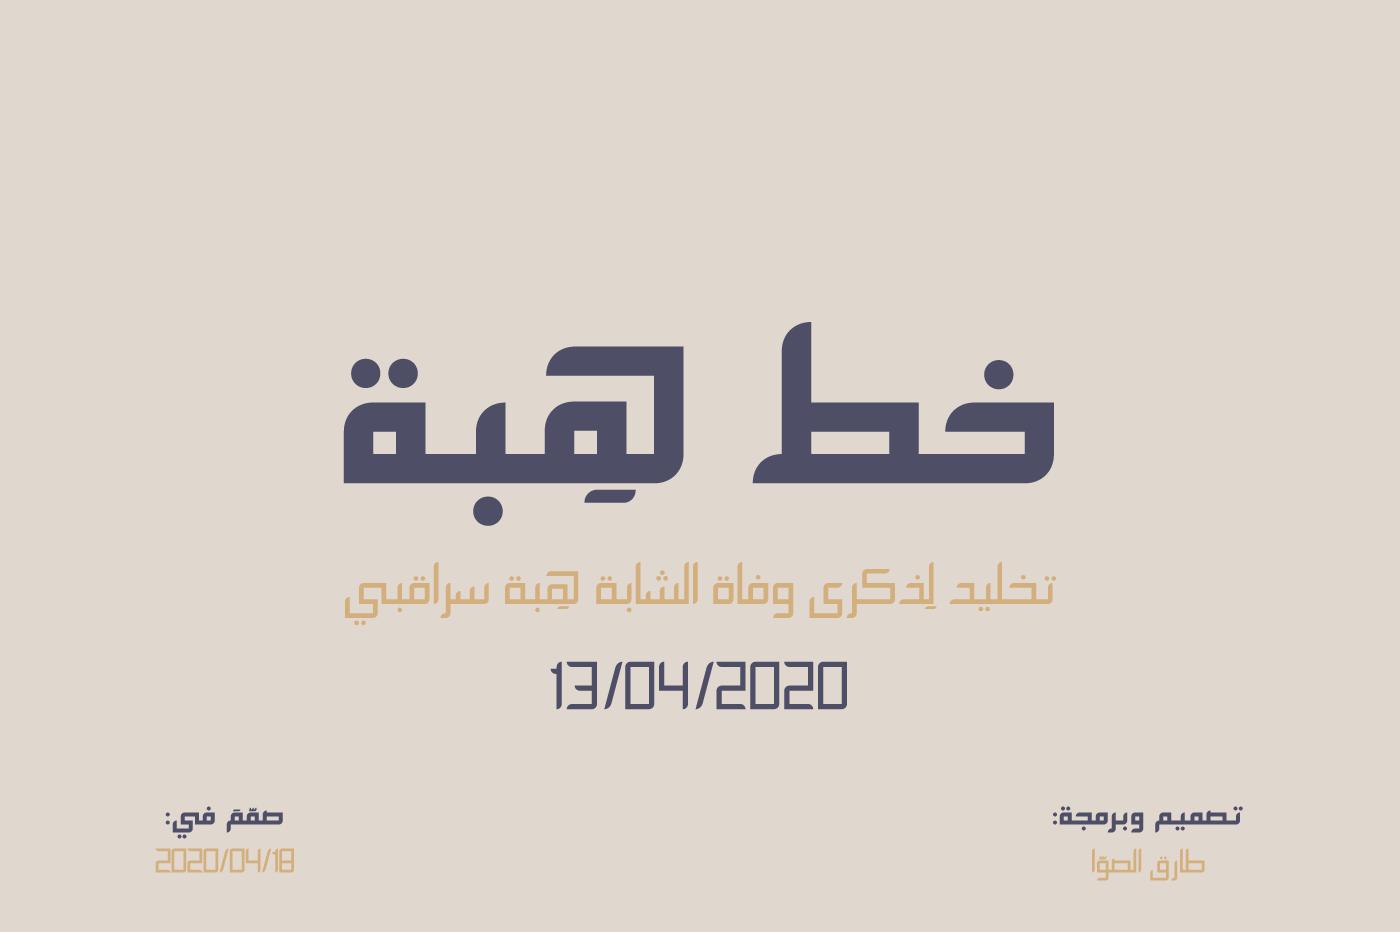 تحميل خط هبة العربي Hiba Free Font Gozd2p10